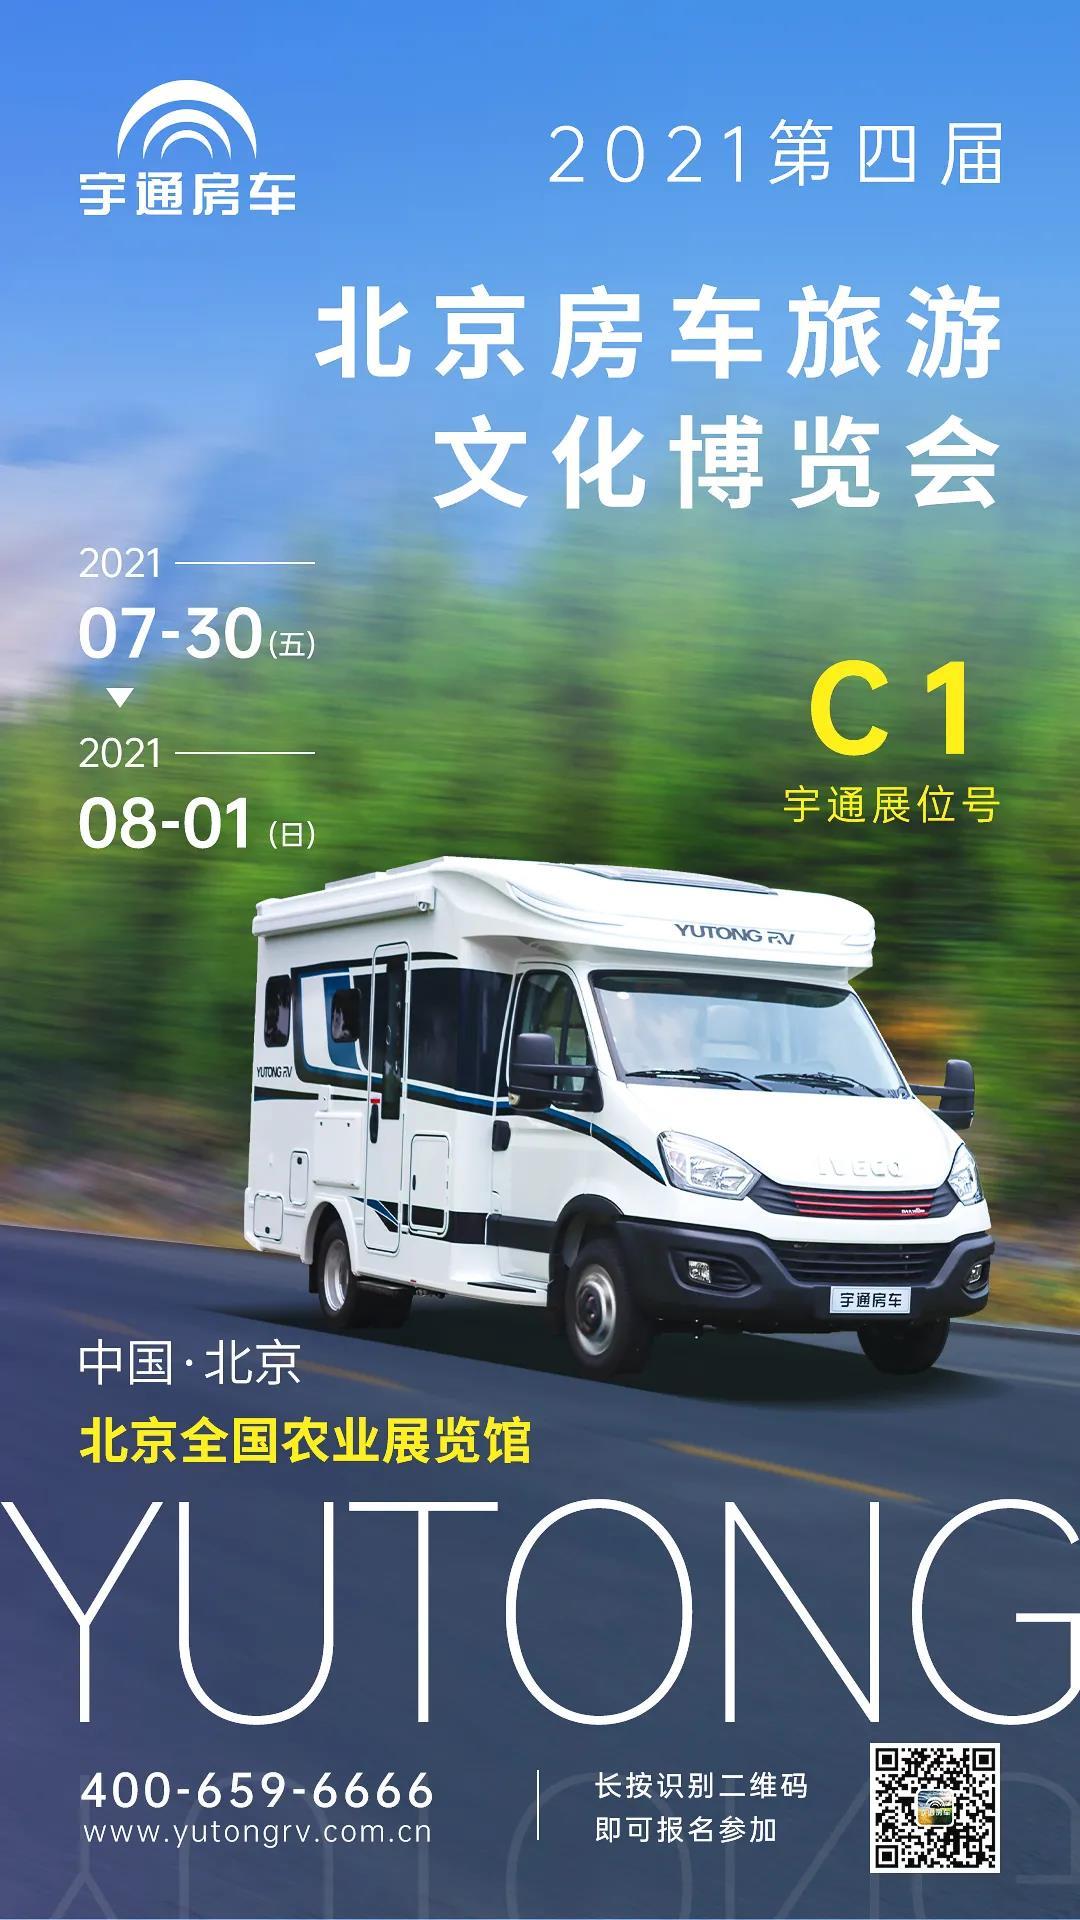 北京房车旅游文化博览会即将盛大开幕!相约北京,不见不散